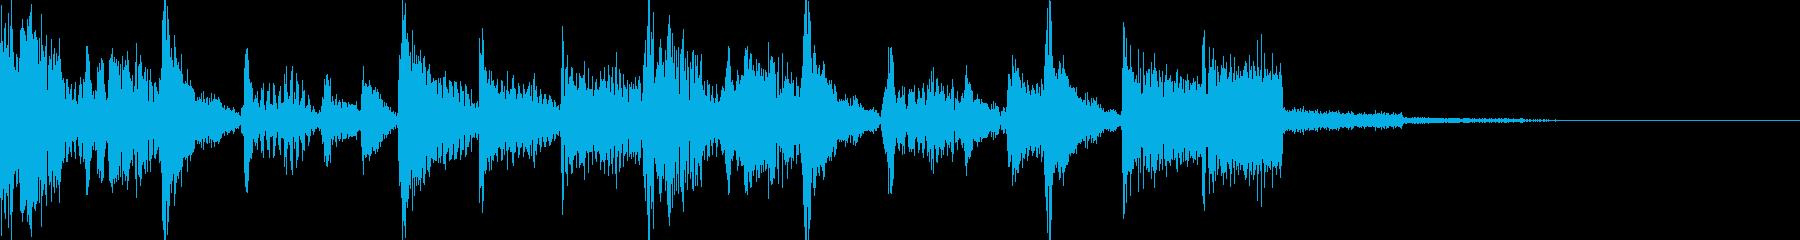 ブレイクビーツなジングルの再生済みの波形